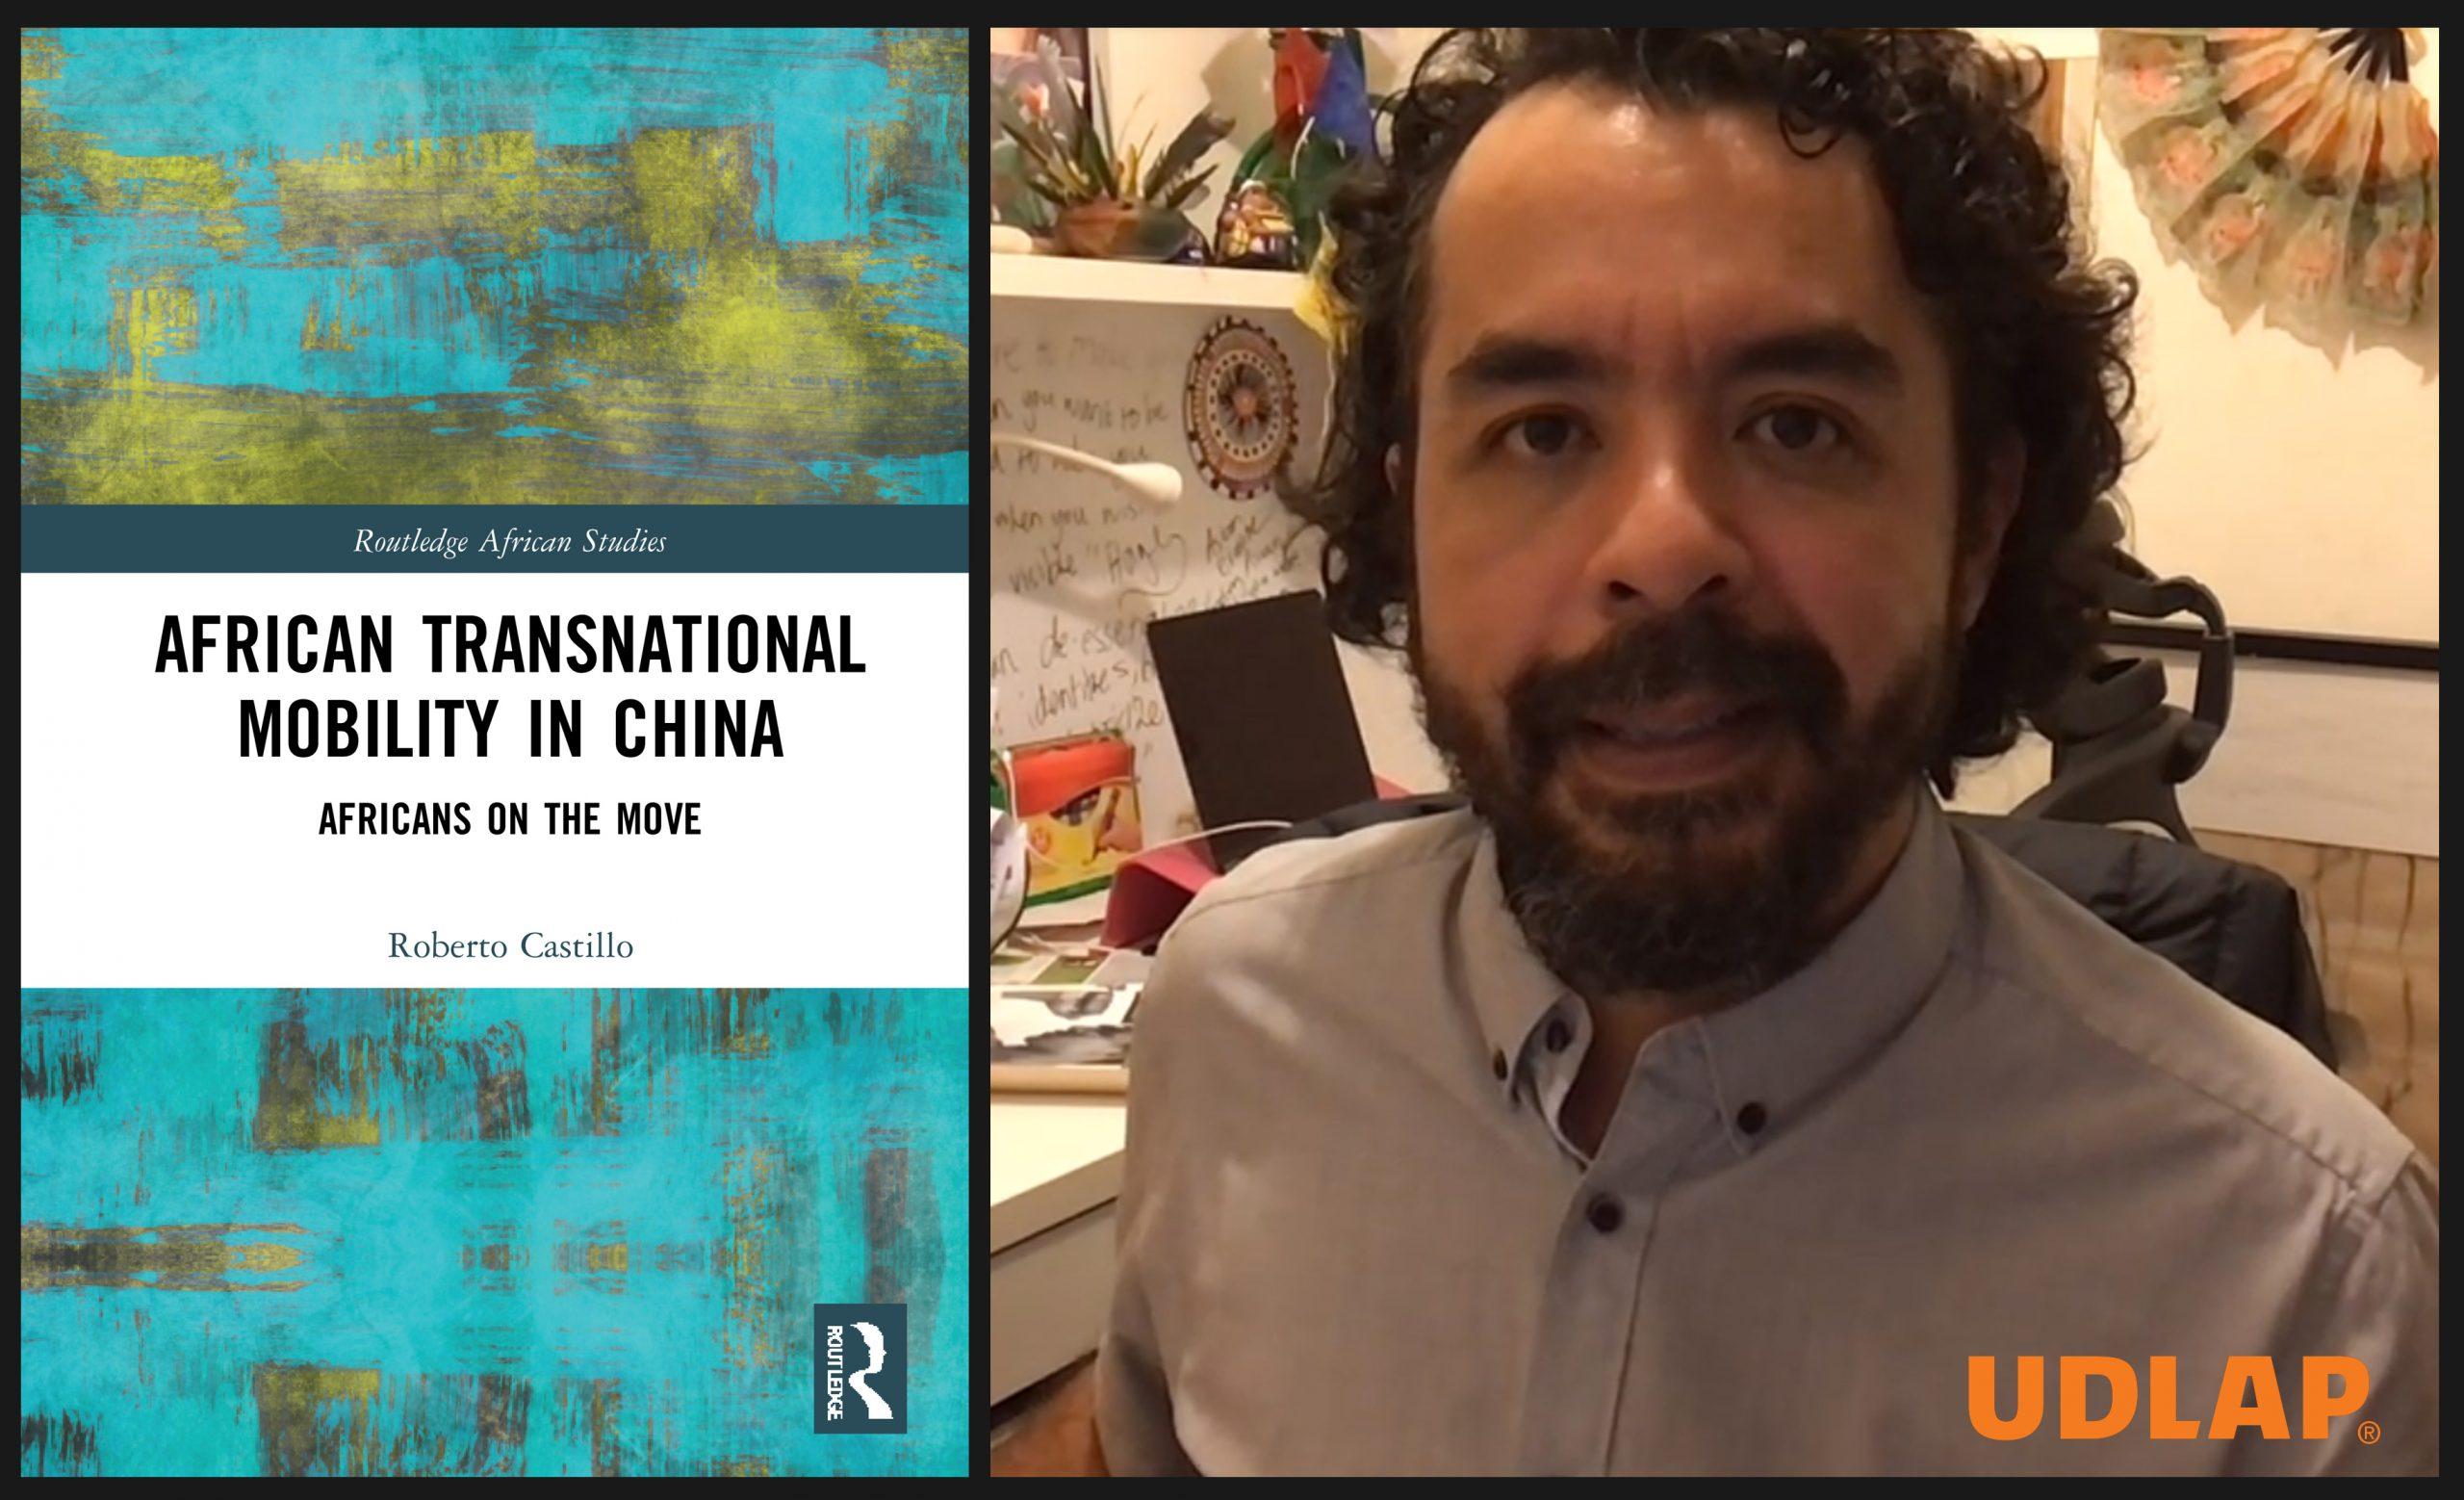 Egresado UDLAP publica libro sobre el flujo migratorio de africanos a China